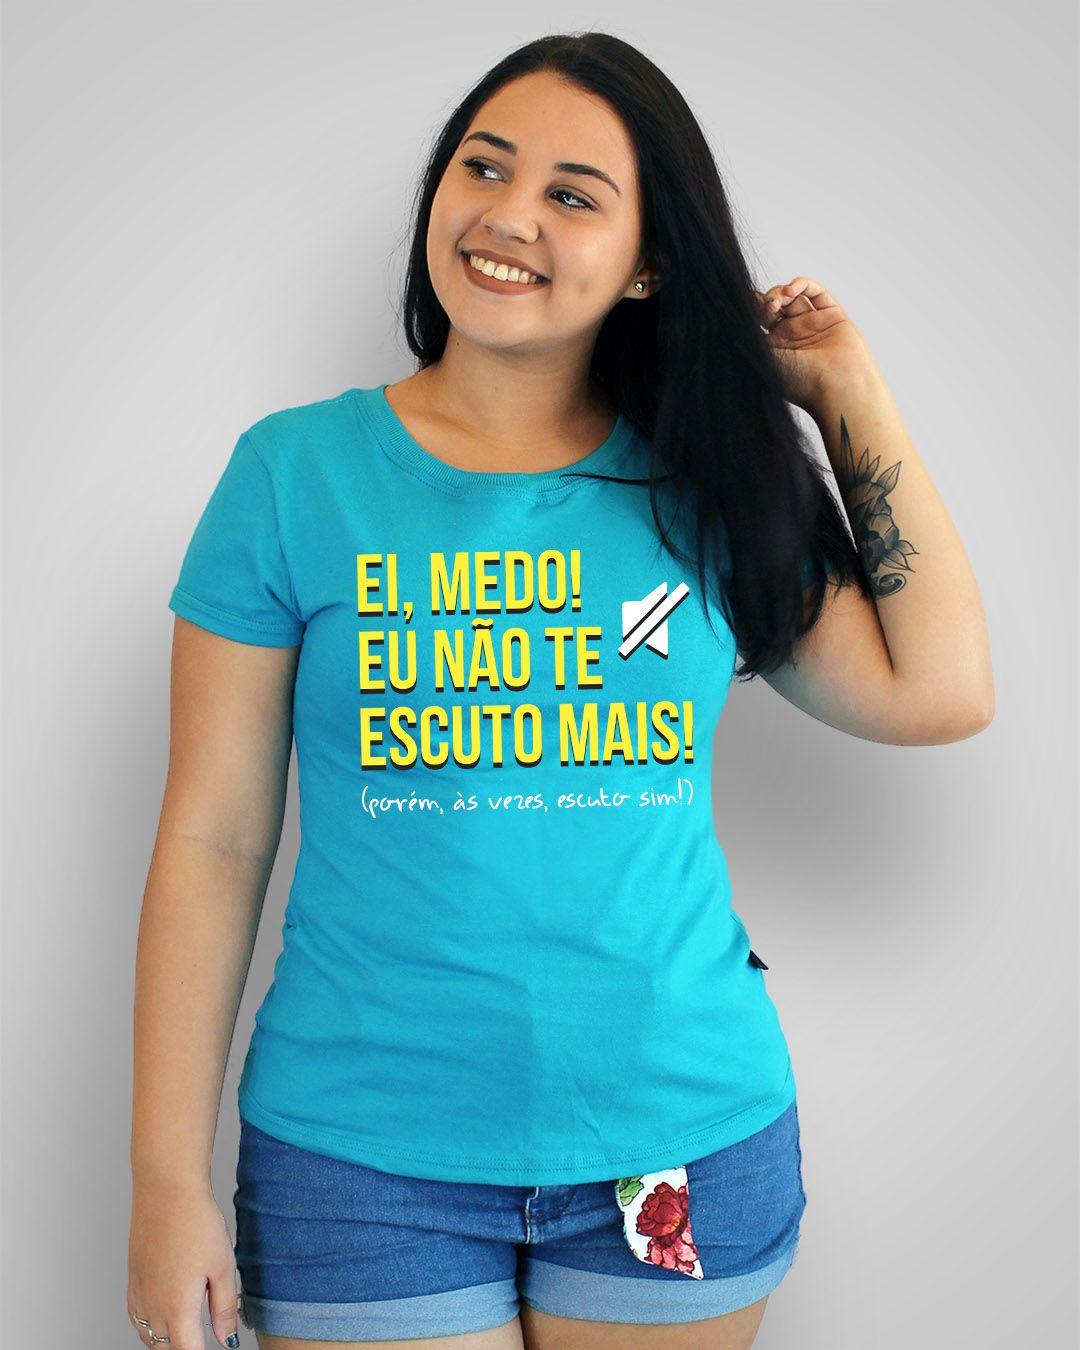 Camiseta Ei, medo! Eu não te escuto mais! (porém, às vezes, escuto sim!)